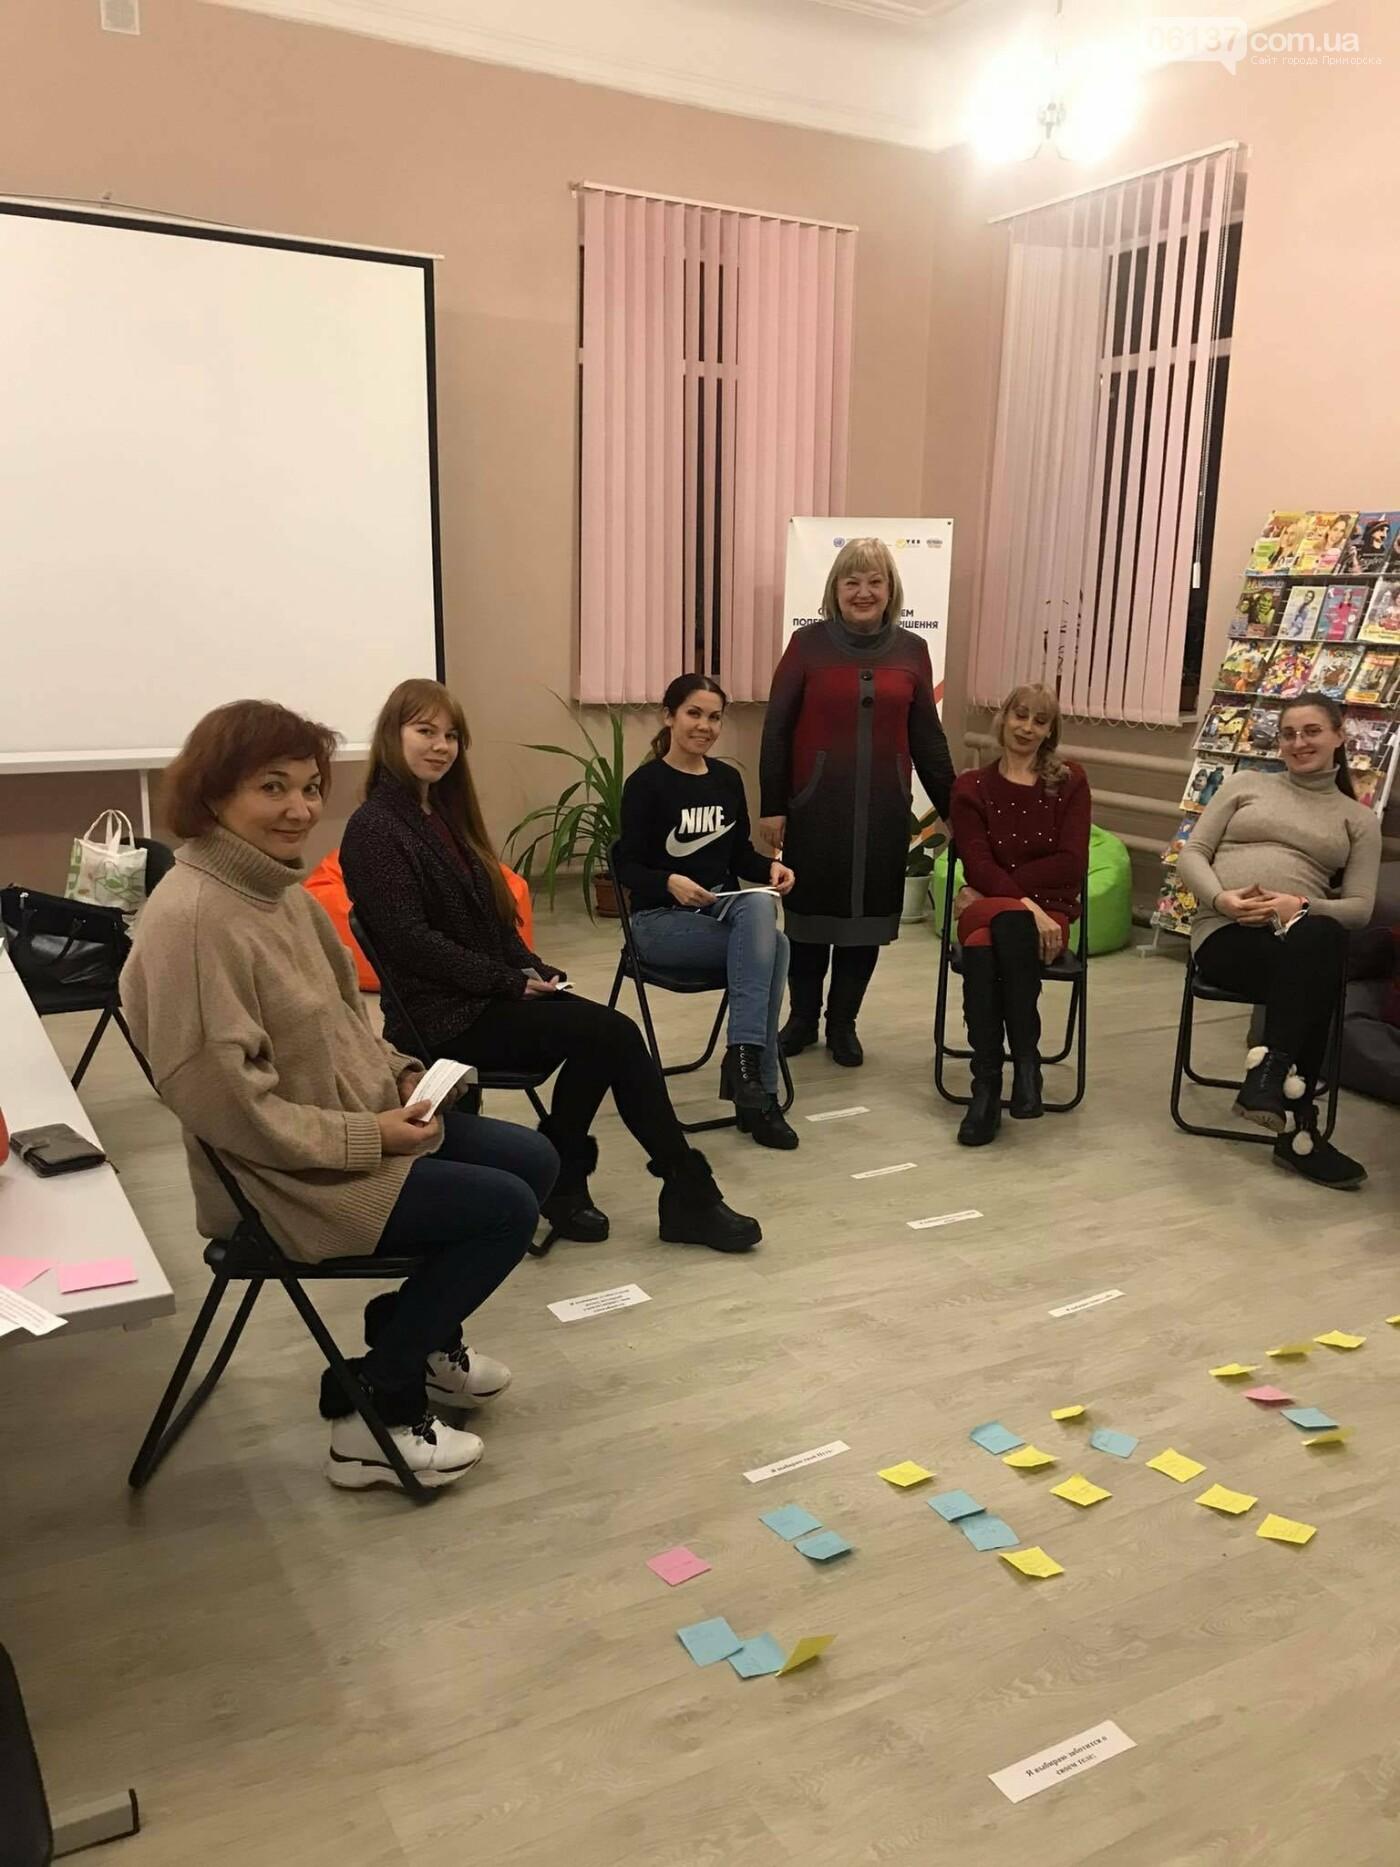 В Приморську дружини учасиників АТО взяли участь у тренінгу  «Любов до себе», фото-2